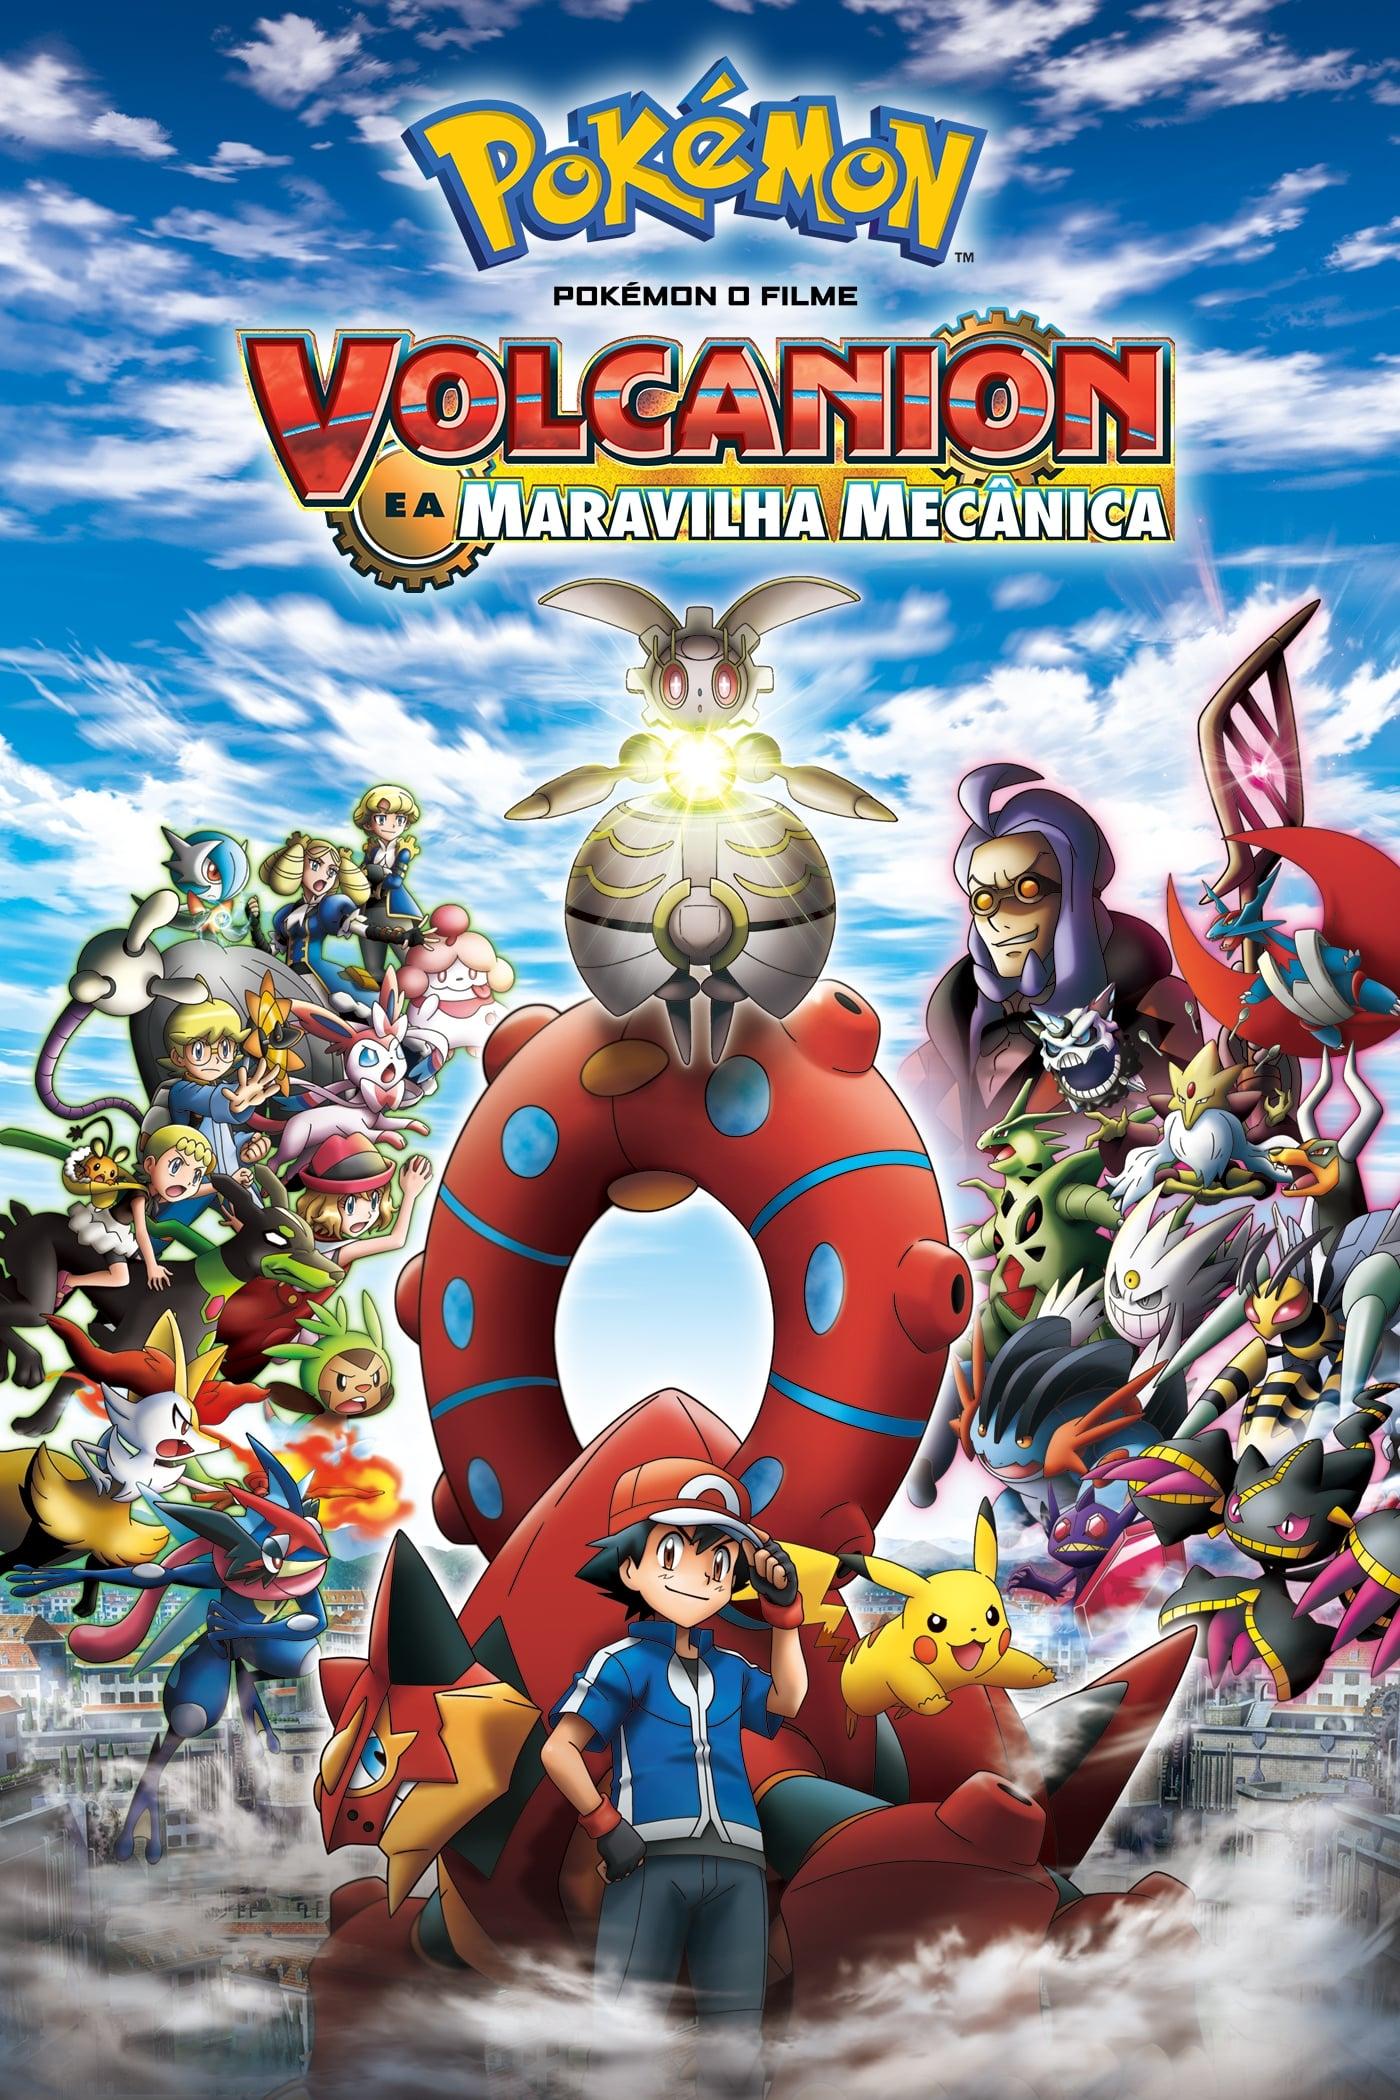 Pokémon o Filme: Volcanion e a Maravilha Mecânica – Dublado (2016)